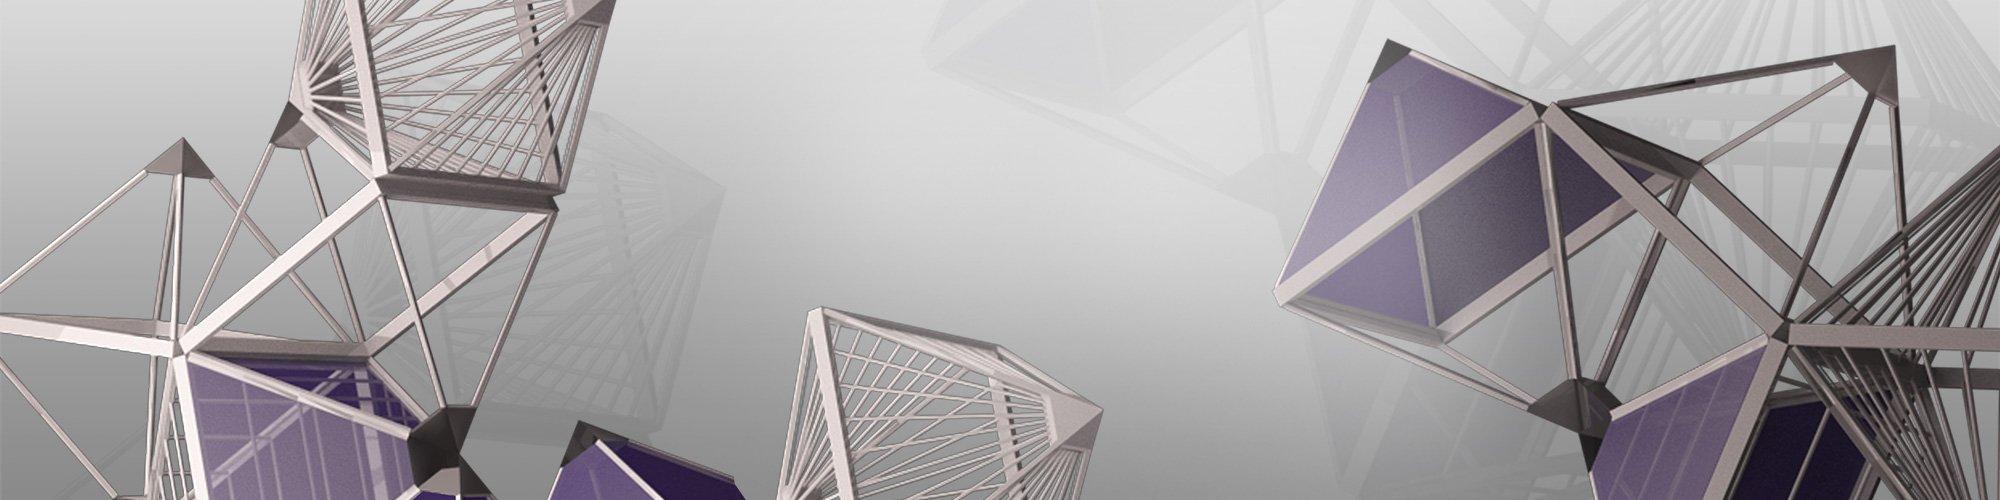 GRAITEC Stair and Railing Designer